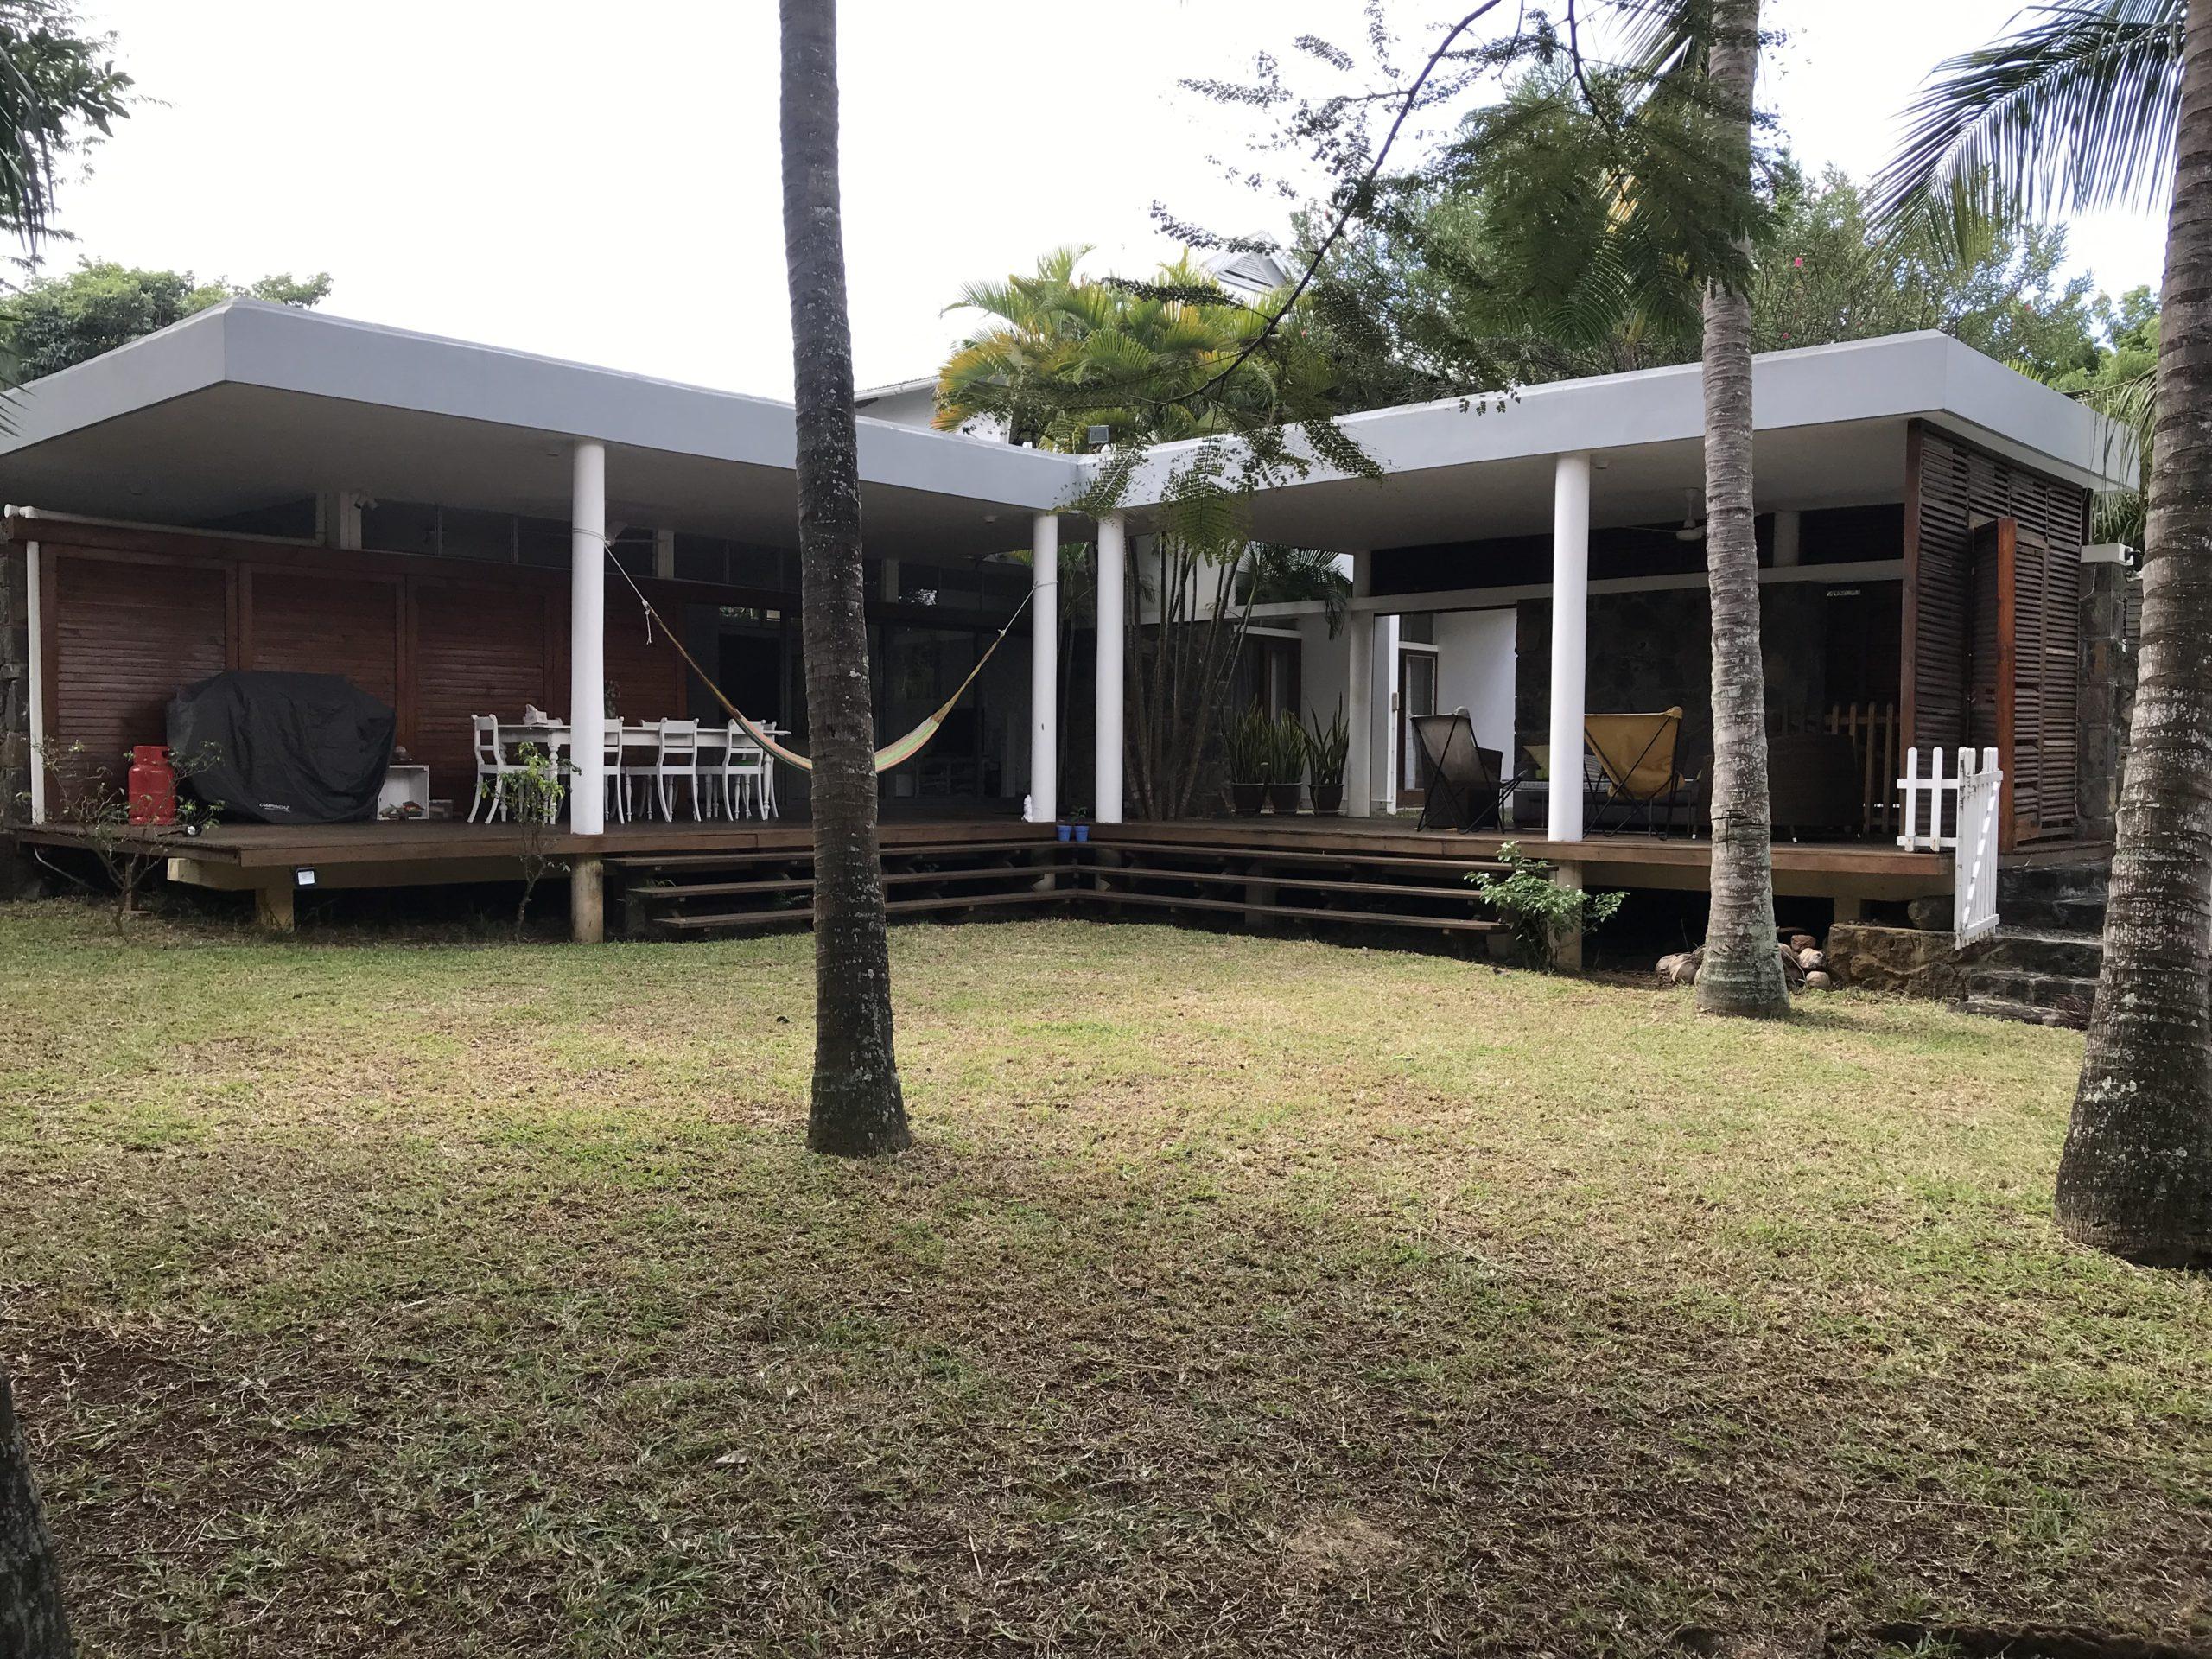 villa à vendre Grand Baie / Pointe aux Canonniers Île Maurice  Grand Baie / Pointe aux Canonniers                                        